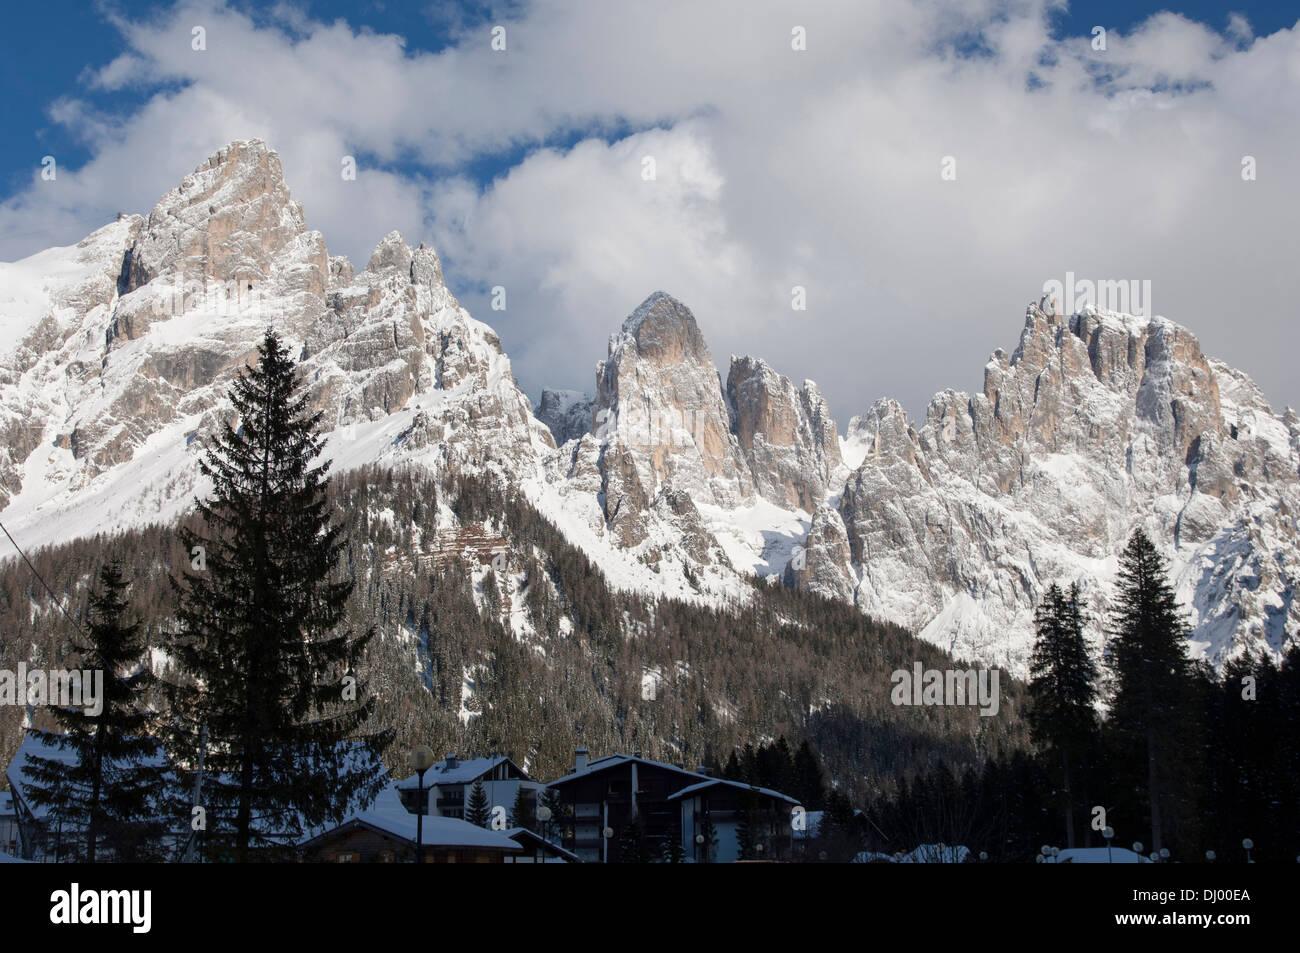 San Martino di Castrozza and Dolomiti on the background Stock Photo